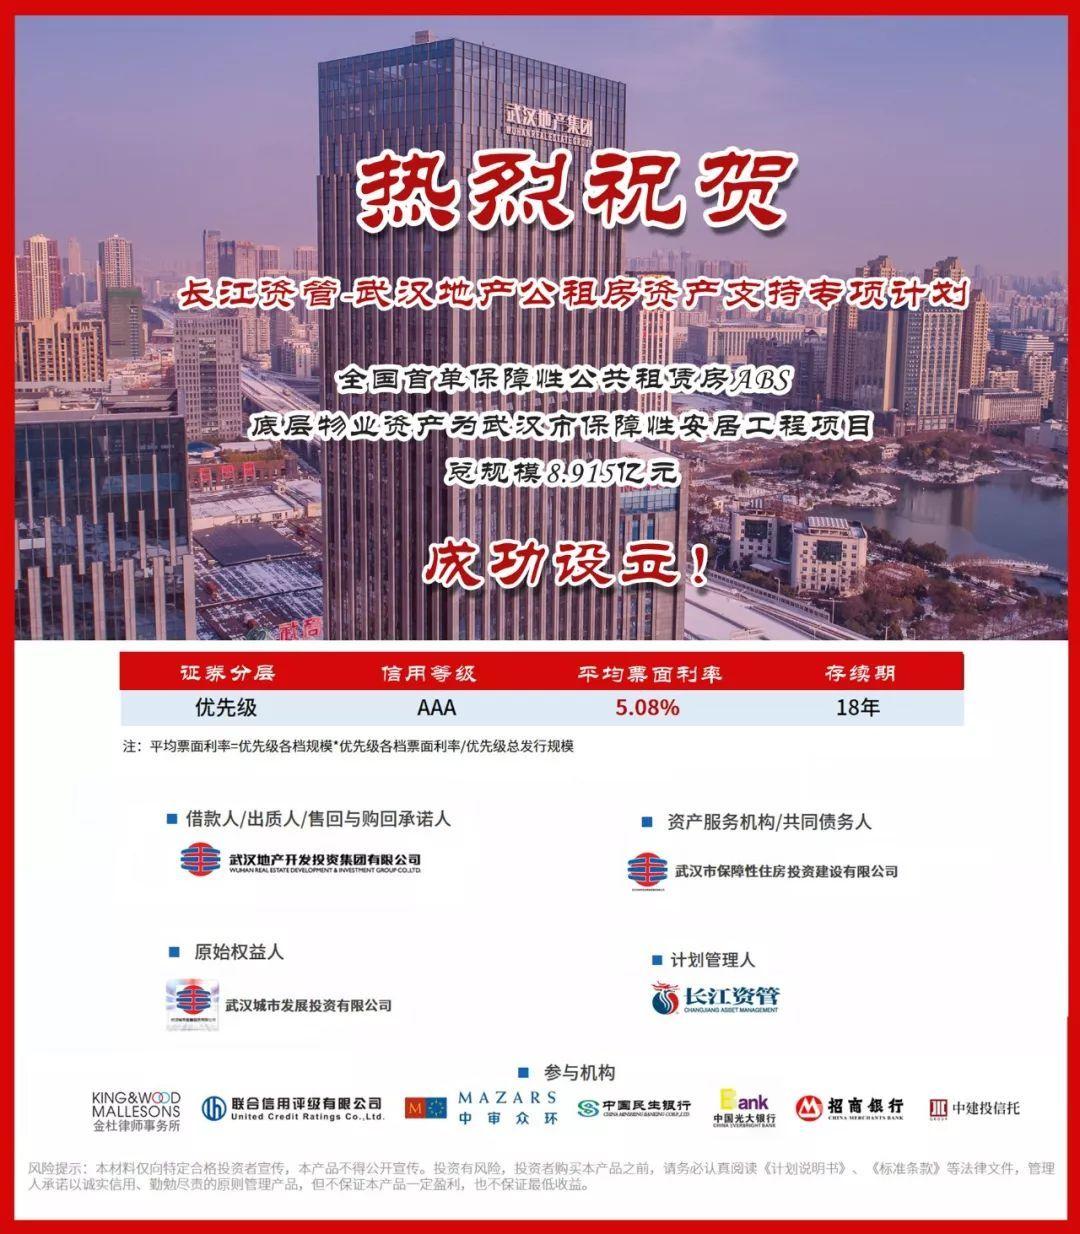 地产公�9a[^h��yZ_全国首单!武汉地产集团公租房资产证券化成功发行